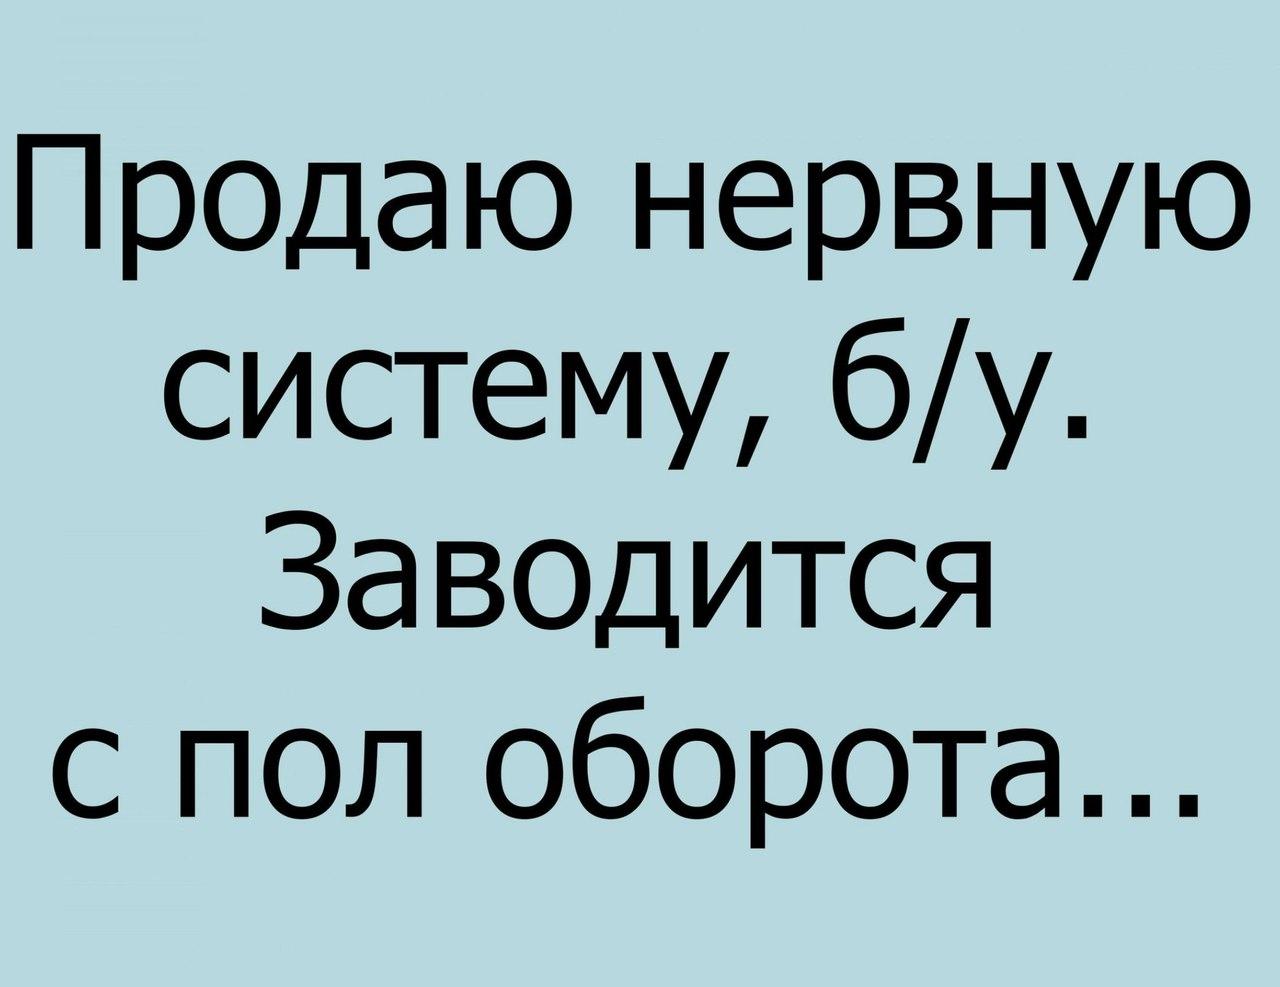 https://pp.userapi.com/c7004/v7004005/4c7cf/qTMbQhqepHg.jpg